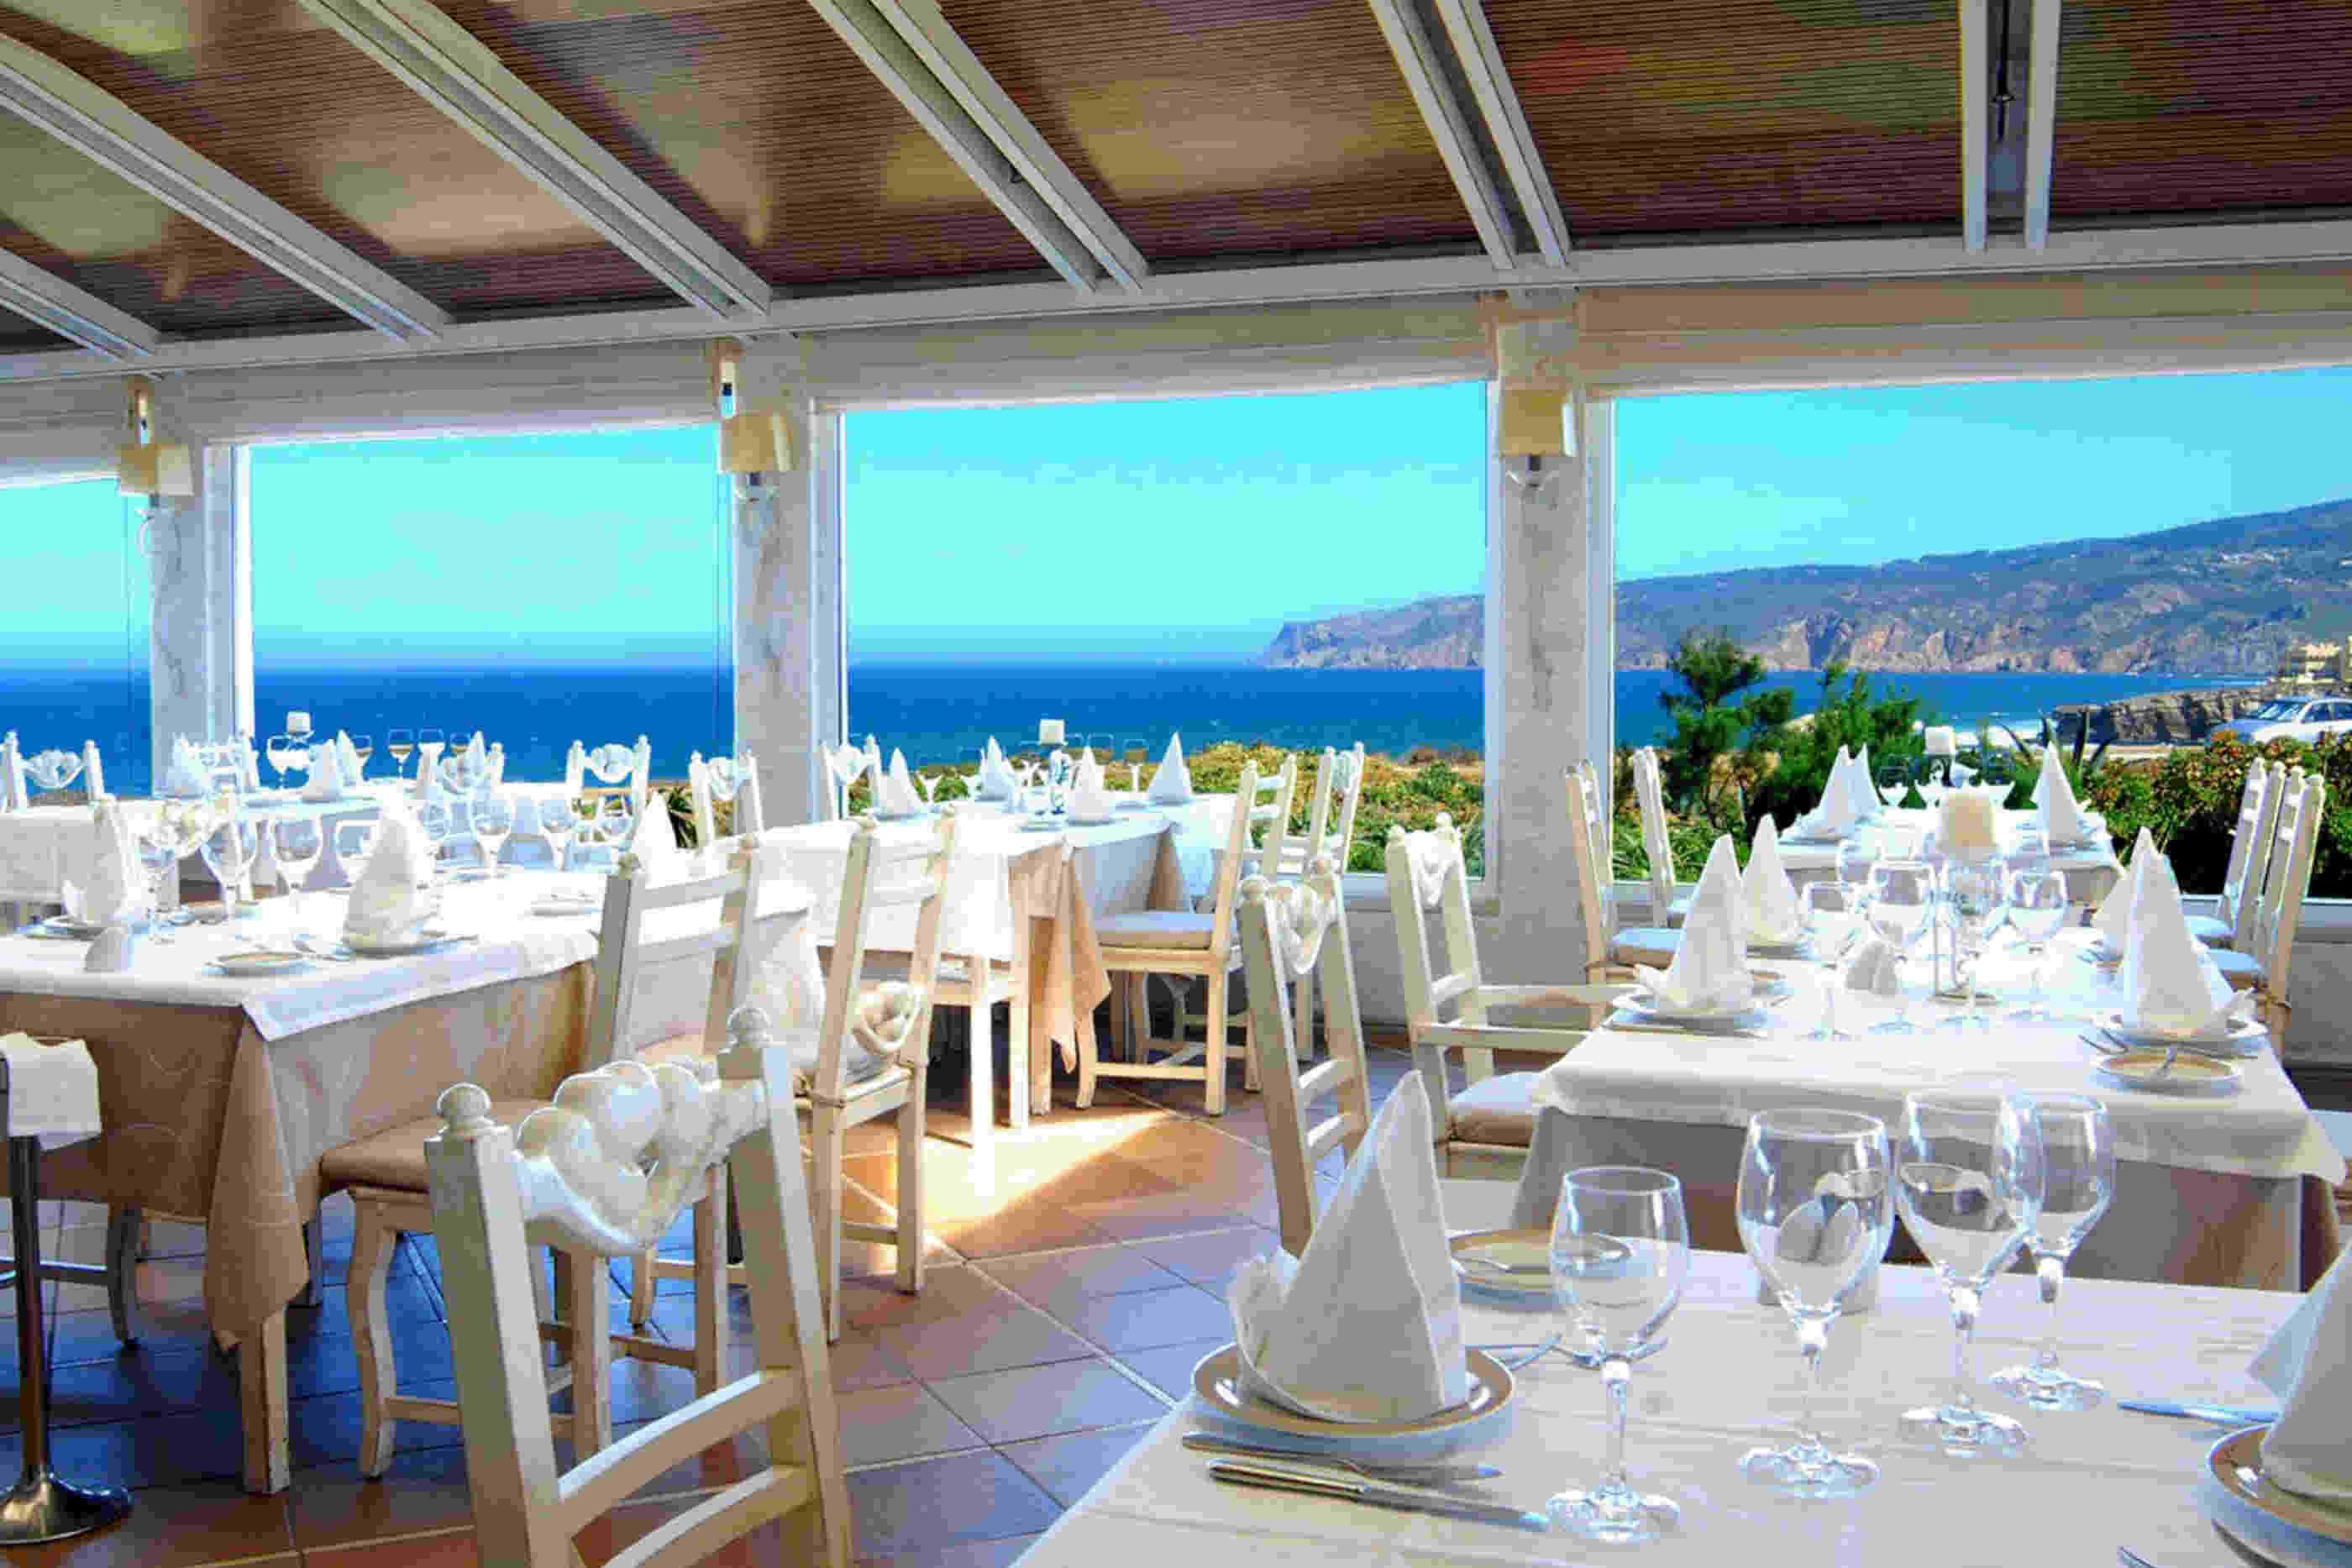 Esplanada de um restaurante tradicional com vista para o mar